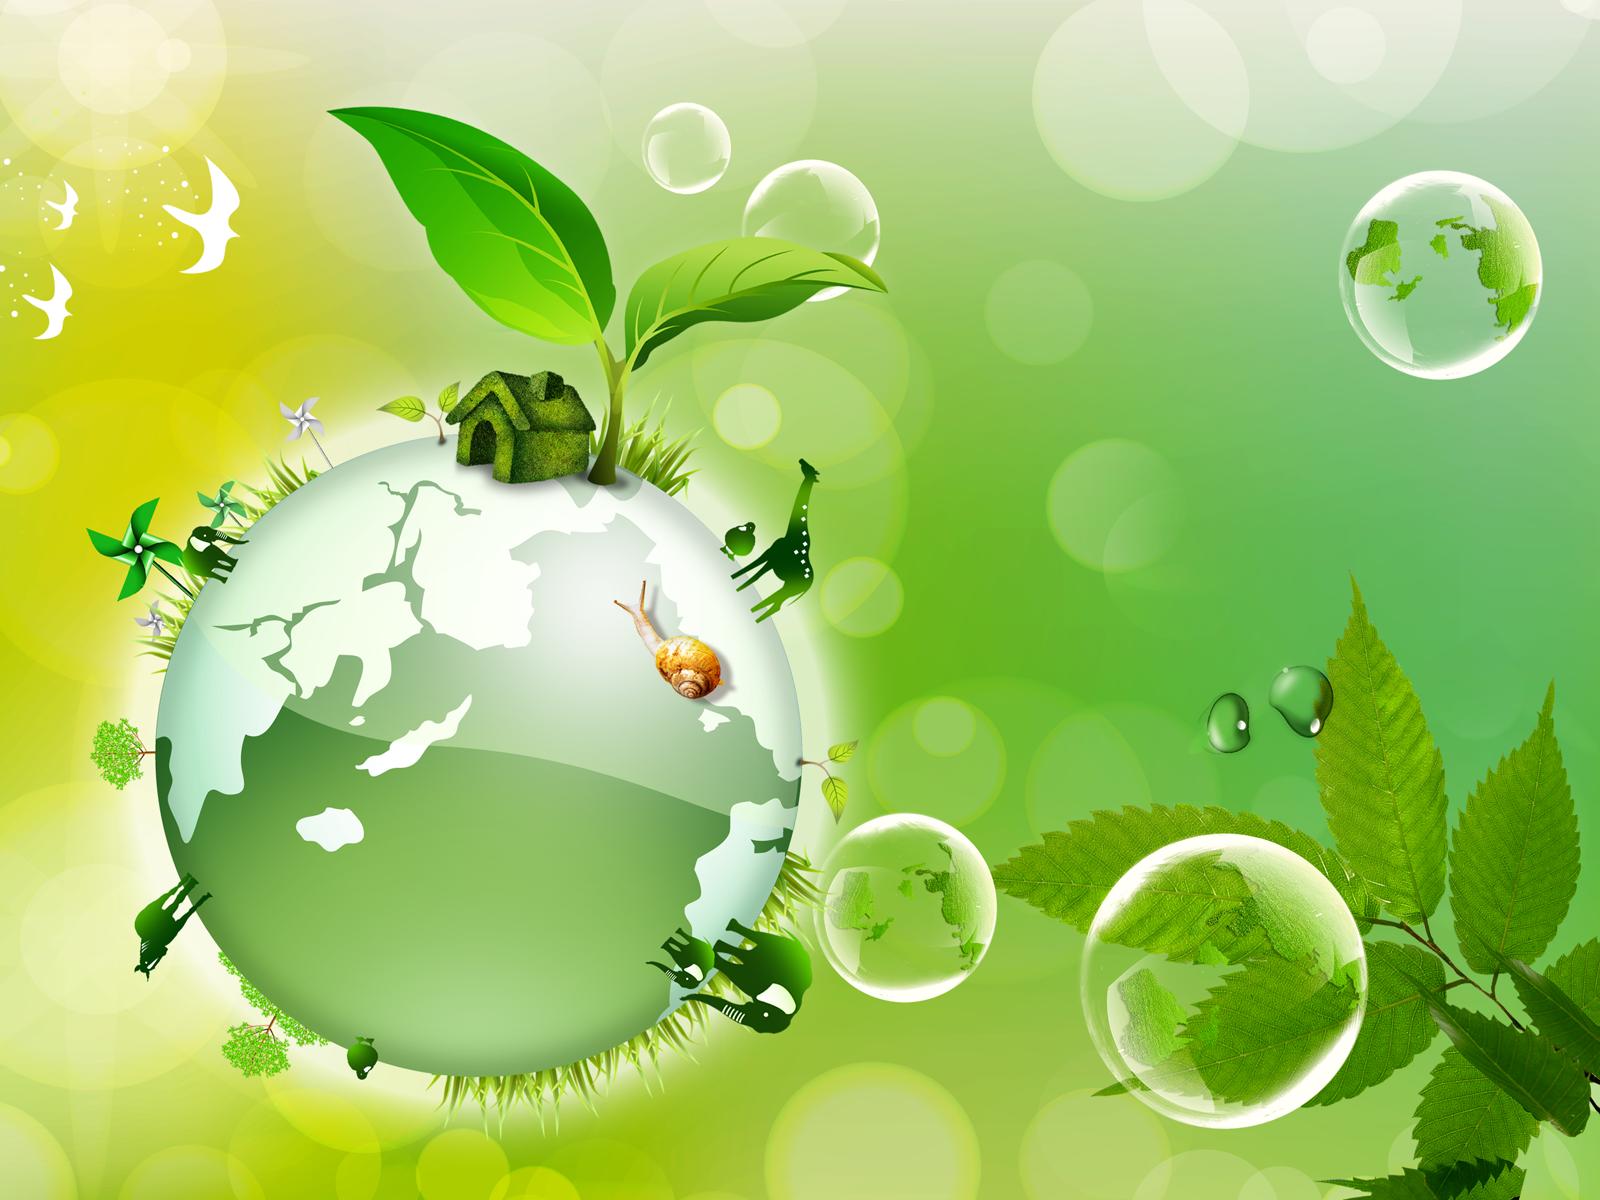 http://4.bp.blogspot.com/-ih4NN71hqIA/T5Ov-l2Ly_I/AAAAAAAACmc/iMDaqjb_oBs/s1600/Green%20Earth%20Ecology%20wAl%20tangledwing.png